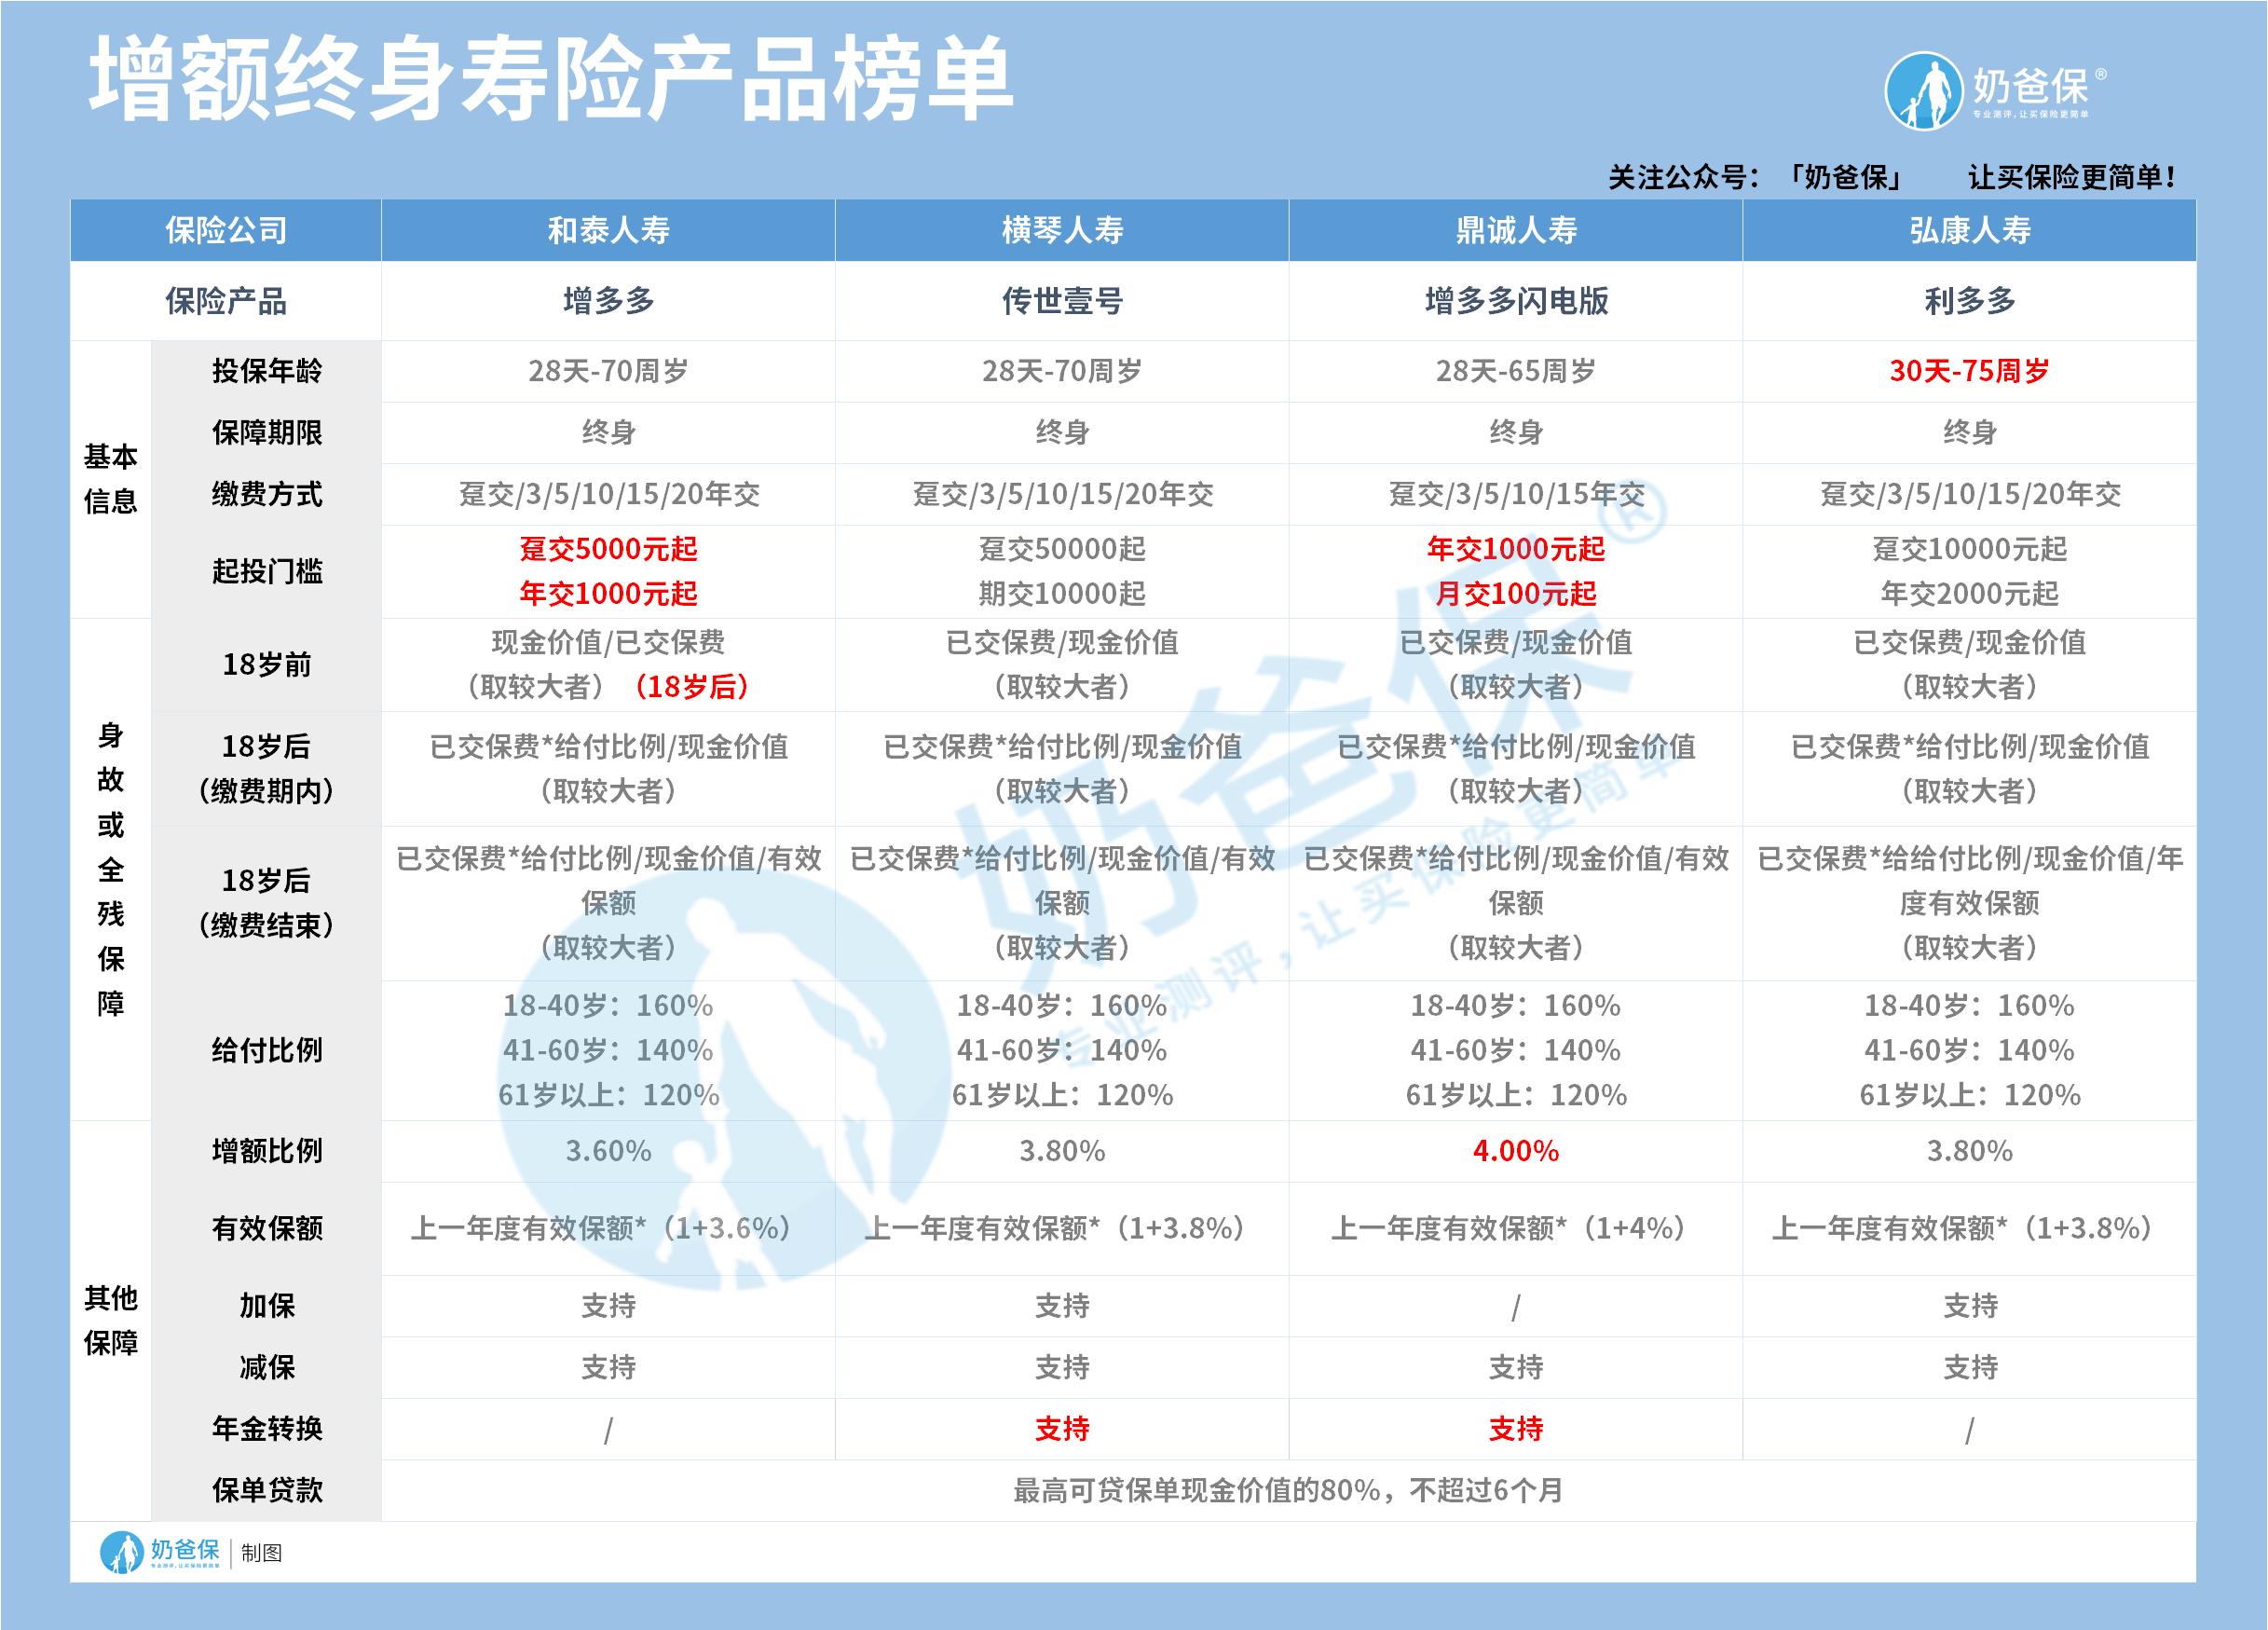 增额终身寿险产品榜单